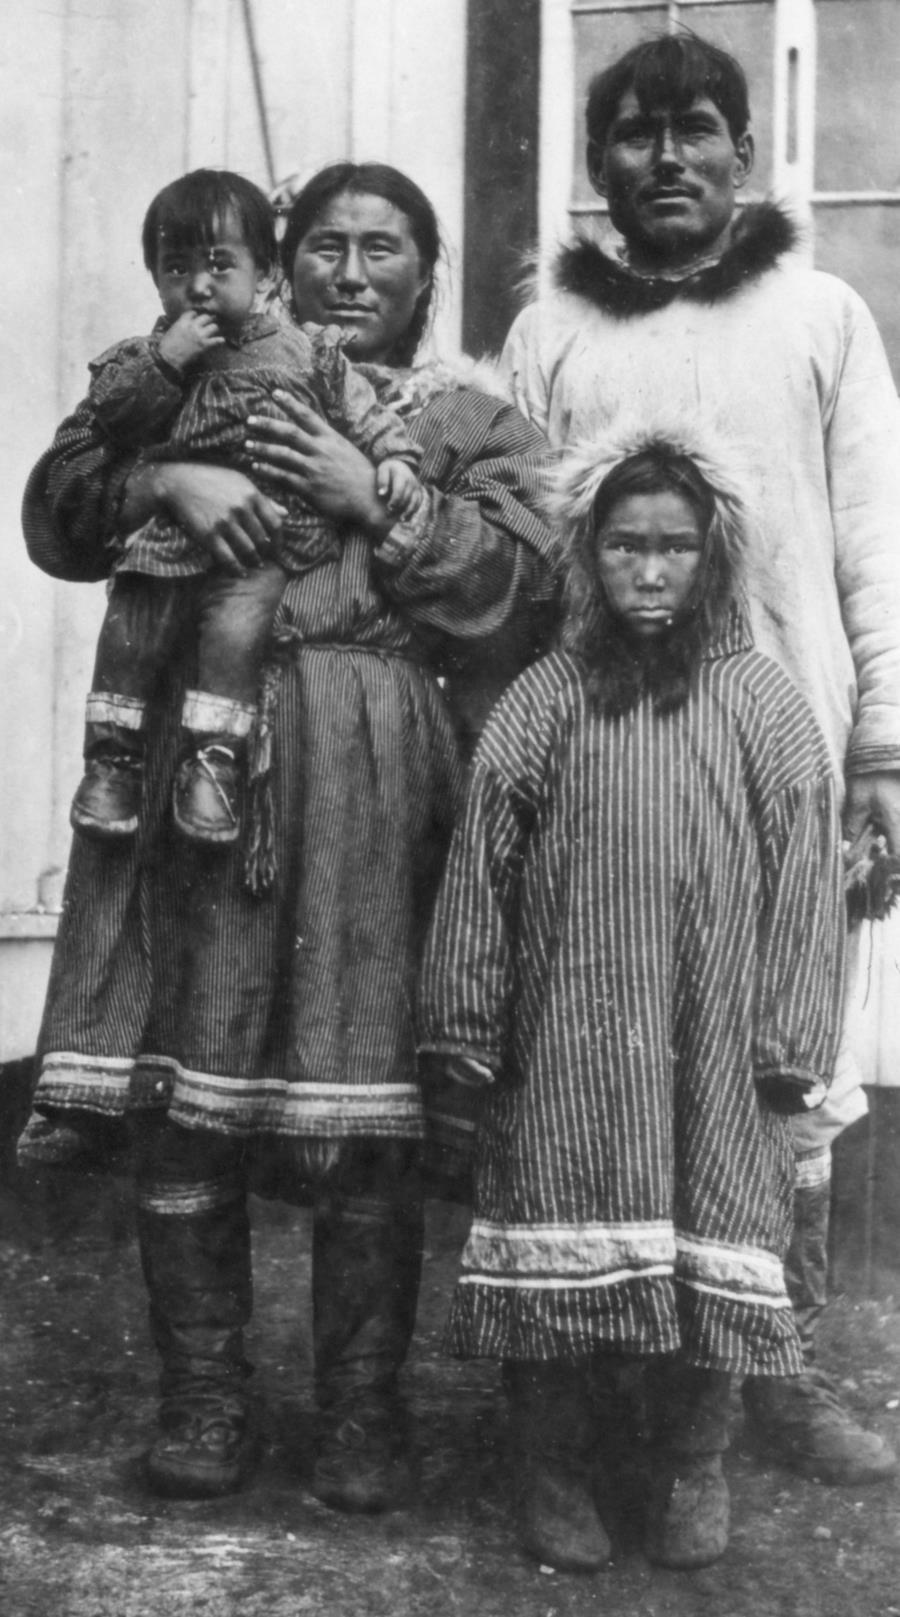 Inupiat family